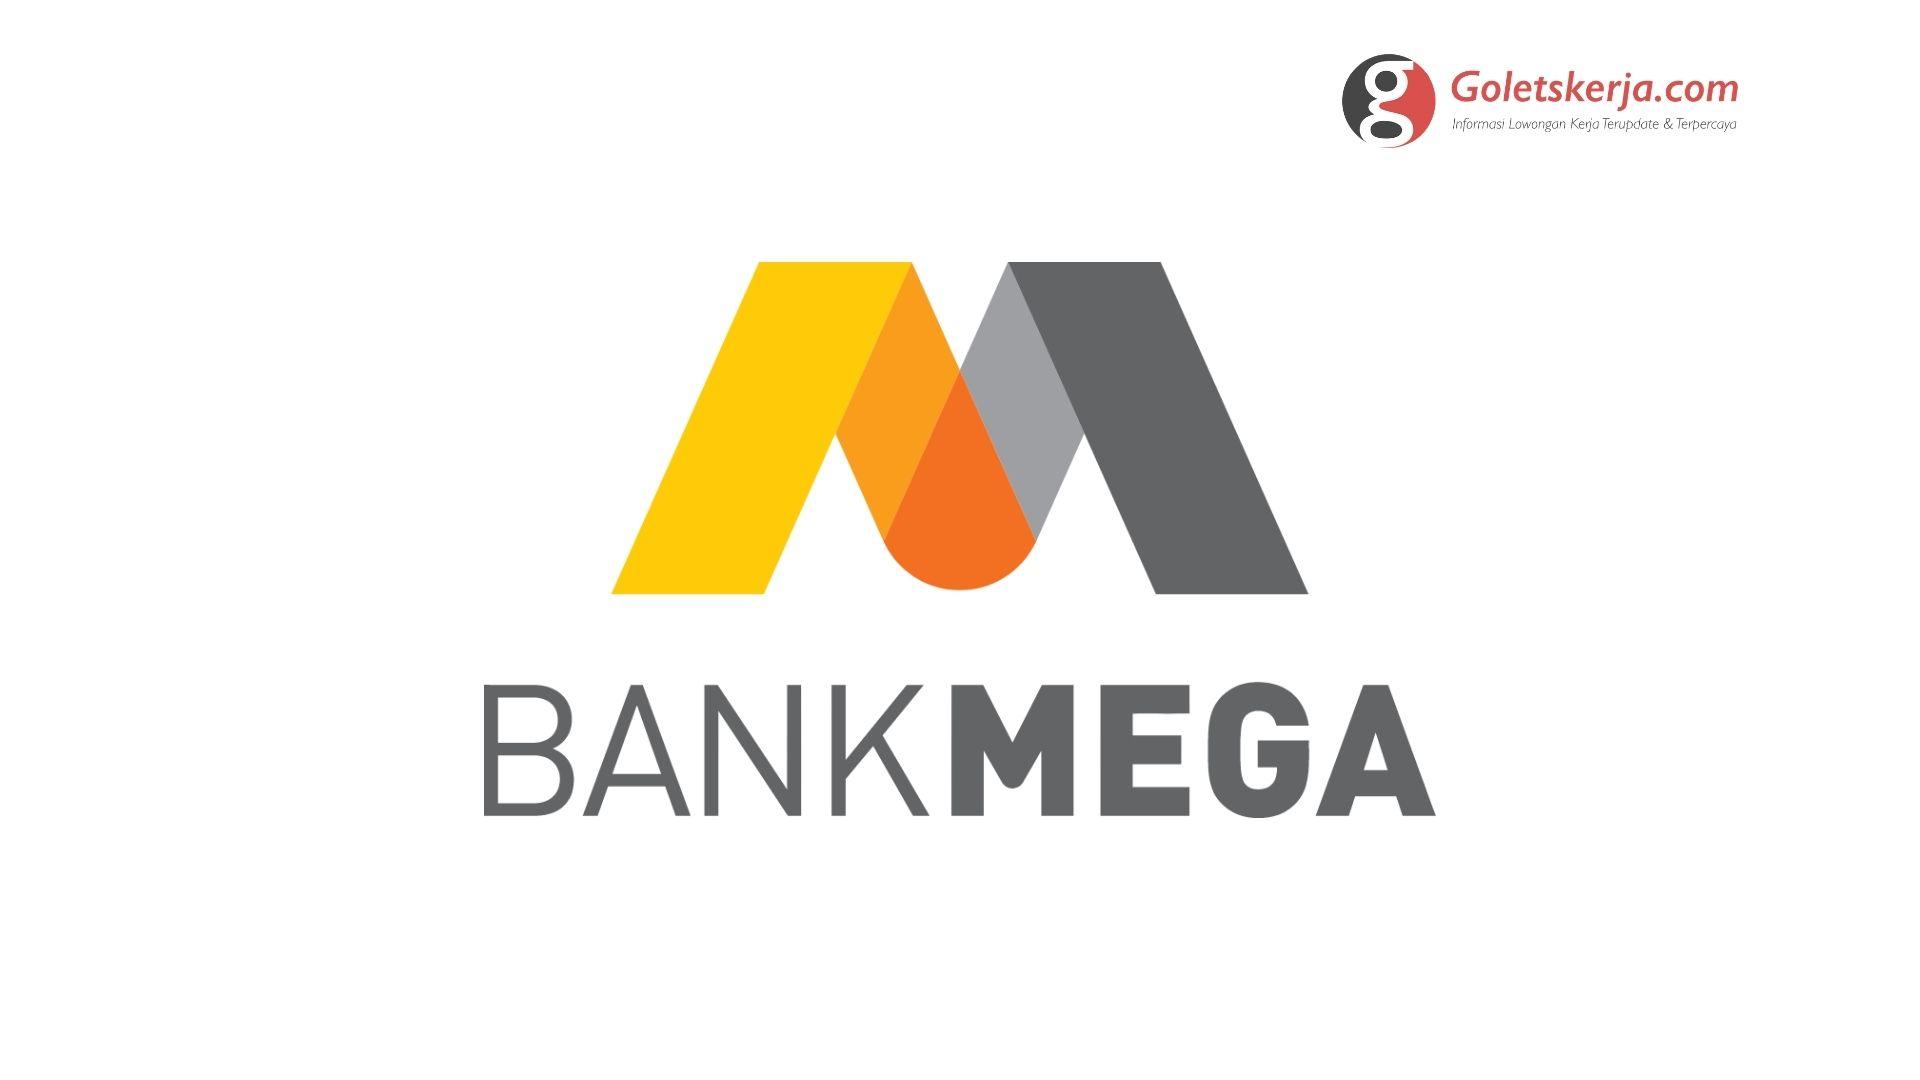 Lowongan Kerja PT Bank Mega Tbk. - Mei 2021